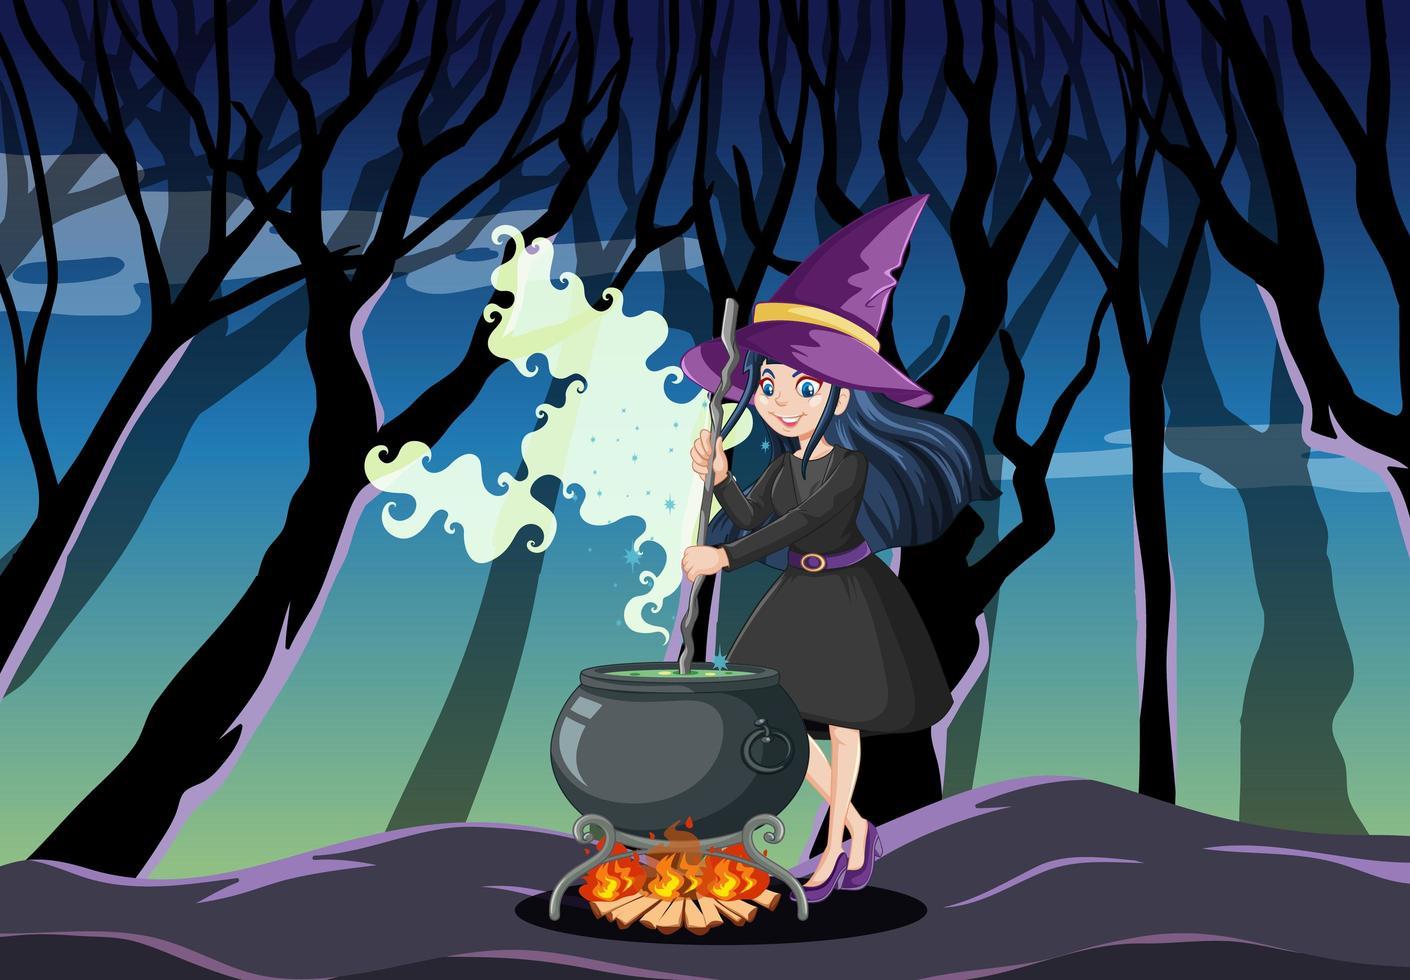 ung vacker häxa med svart magisk kruka tecknad stil på mörk djungel bakgrund vektor